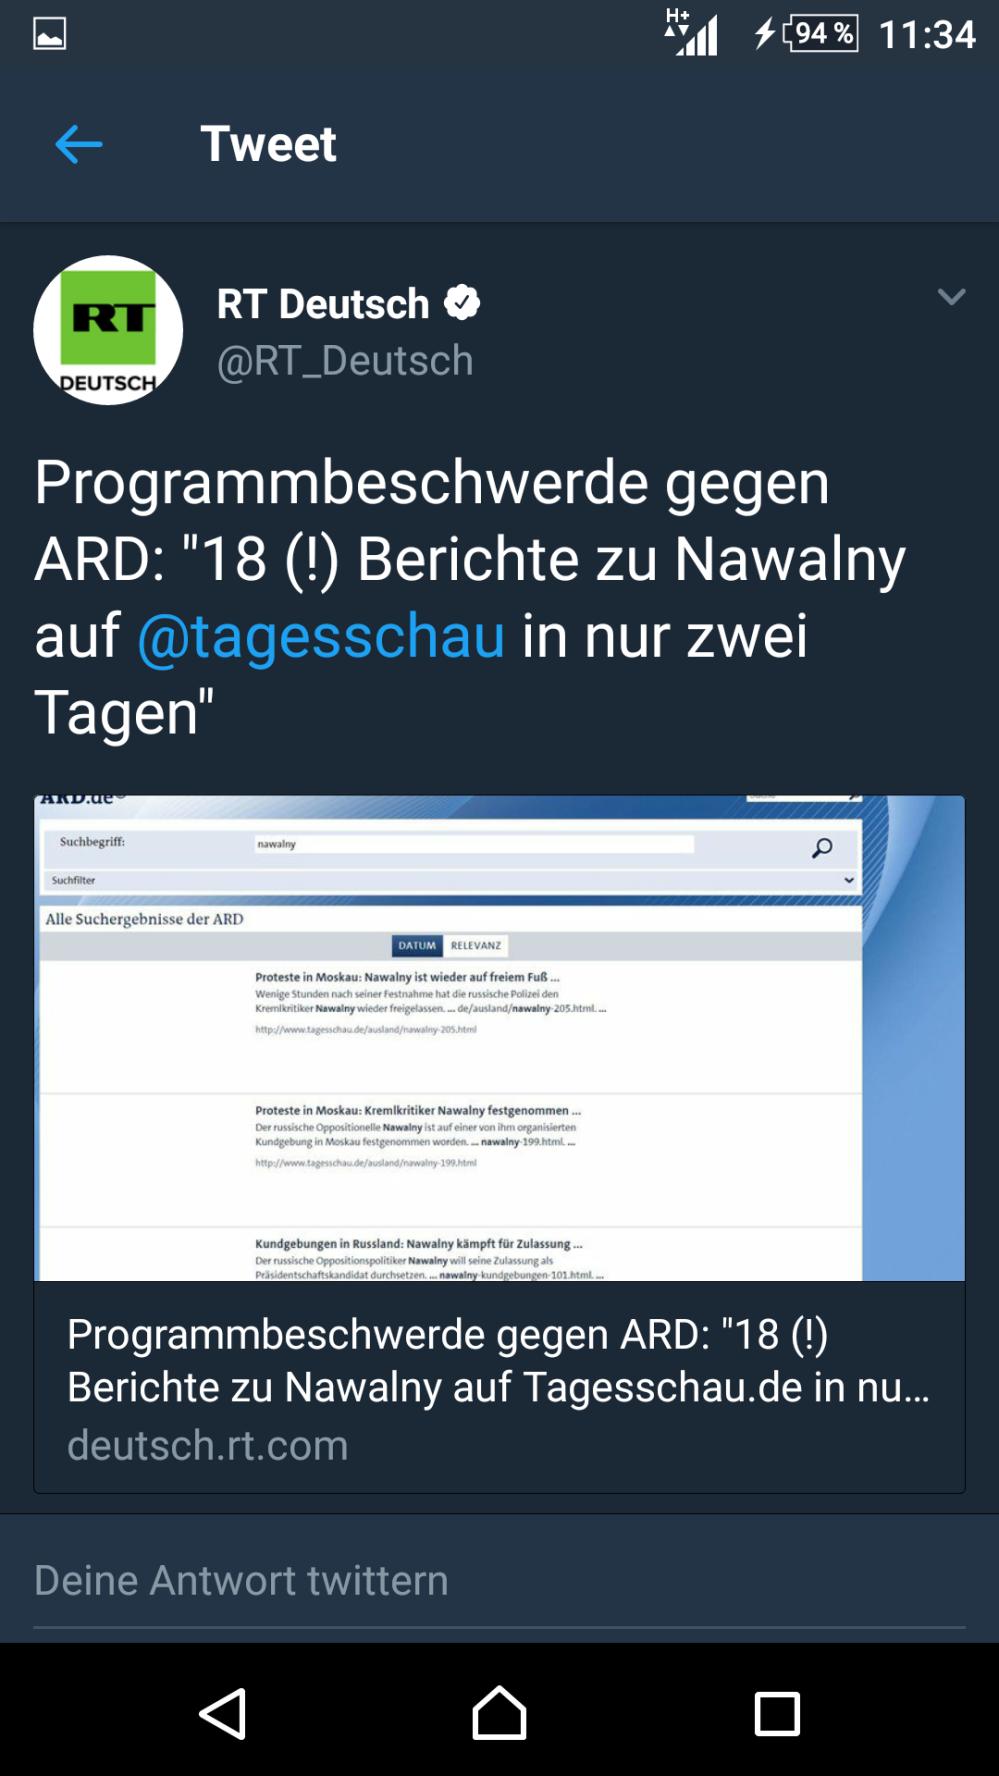 Russia Today bewirtschaftet aktiv das Instrument Programmbeschwerden gegen die ARD